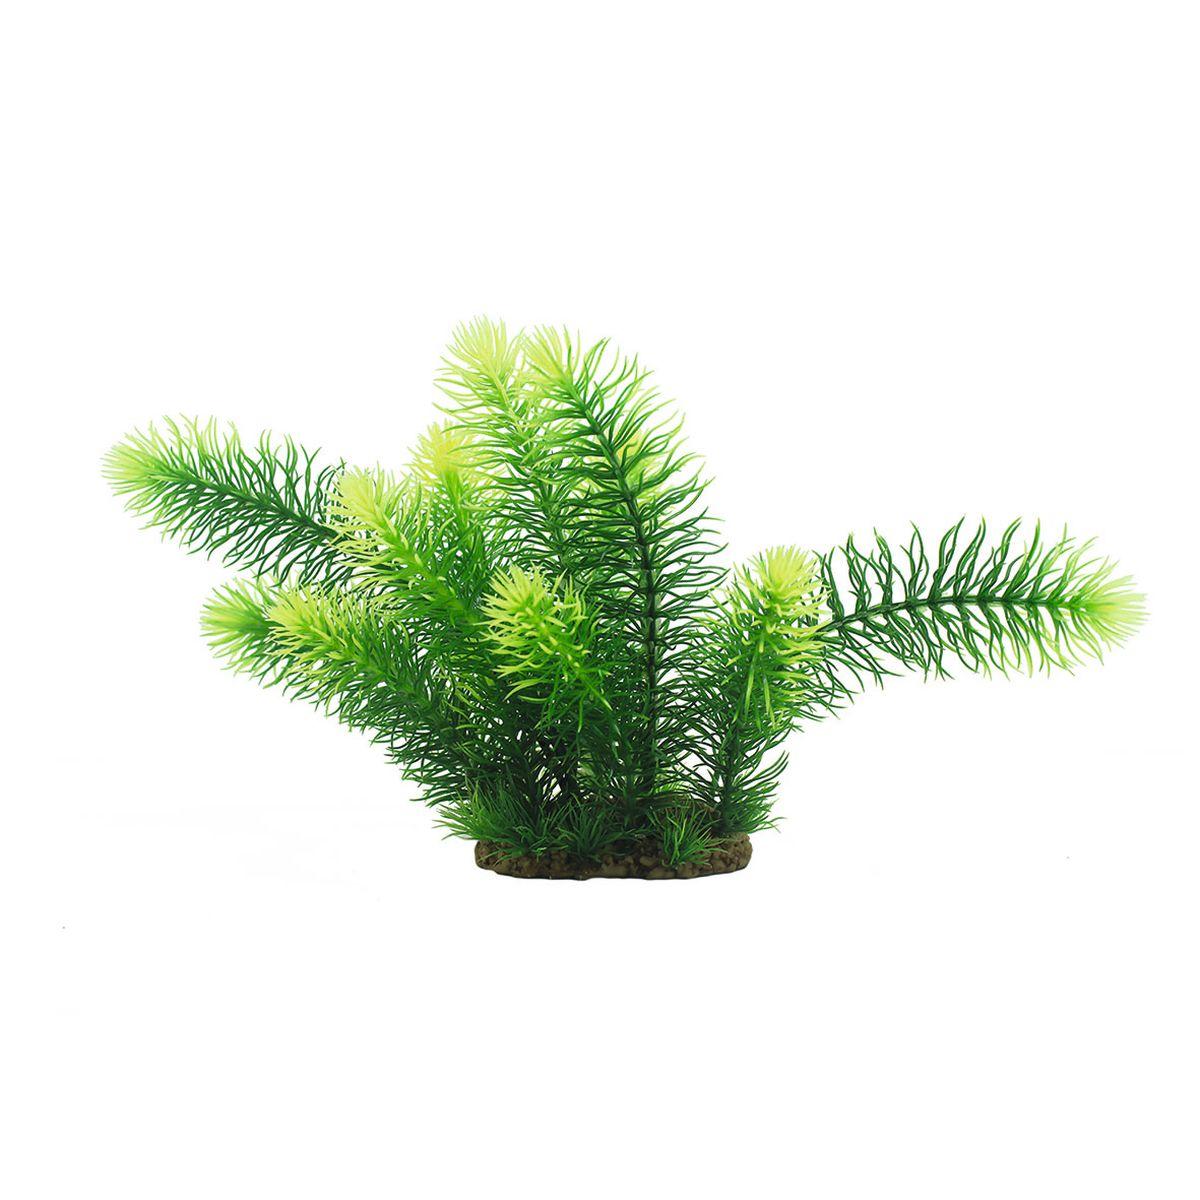 Растение для аквариума ArtUniq Погостемон эректус, высота 25 см0120710Растение для аквариума ArtUniq Погостемон эректус, высота 25 см